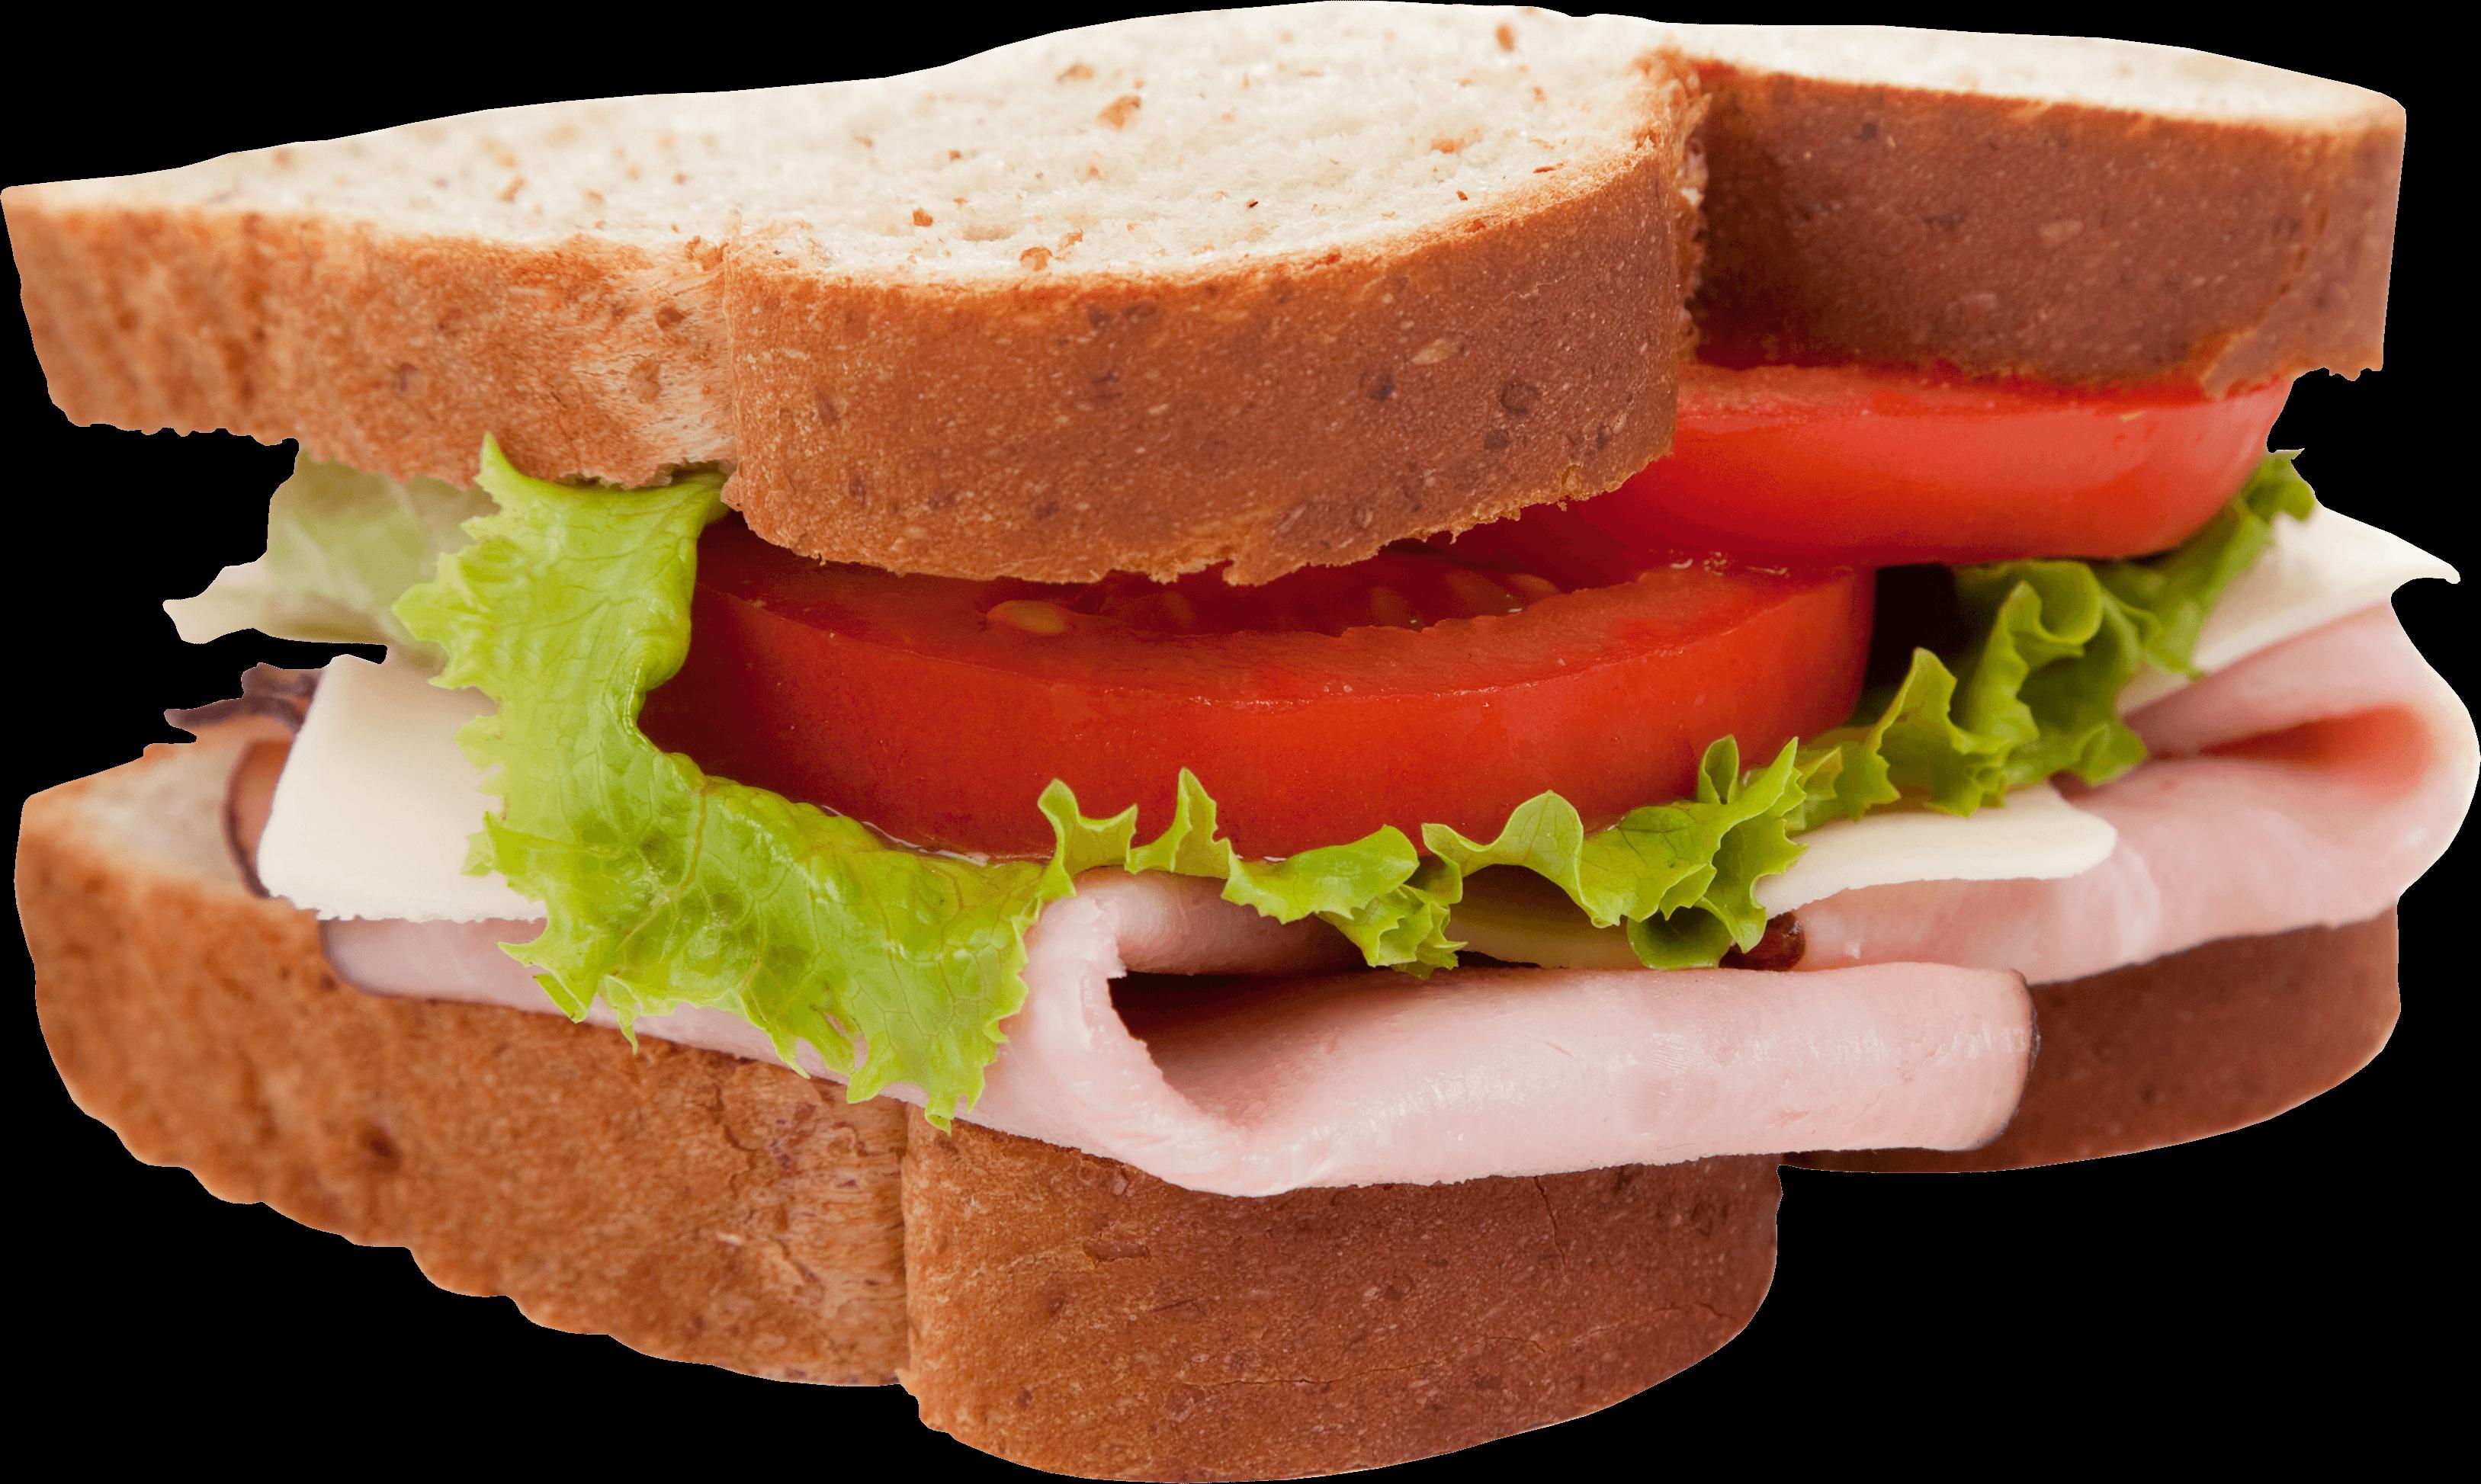 картинка бутерброд с сыром на белом фоне заключен